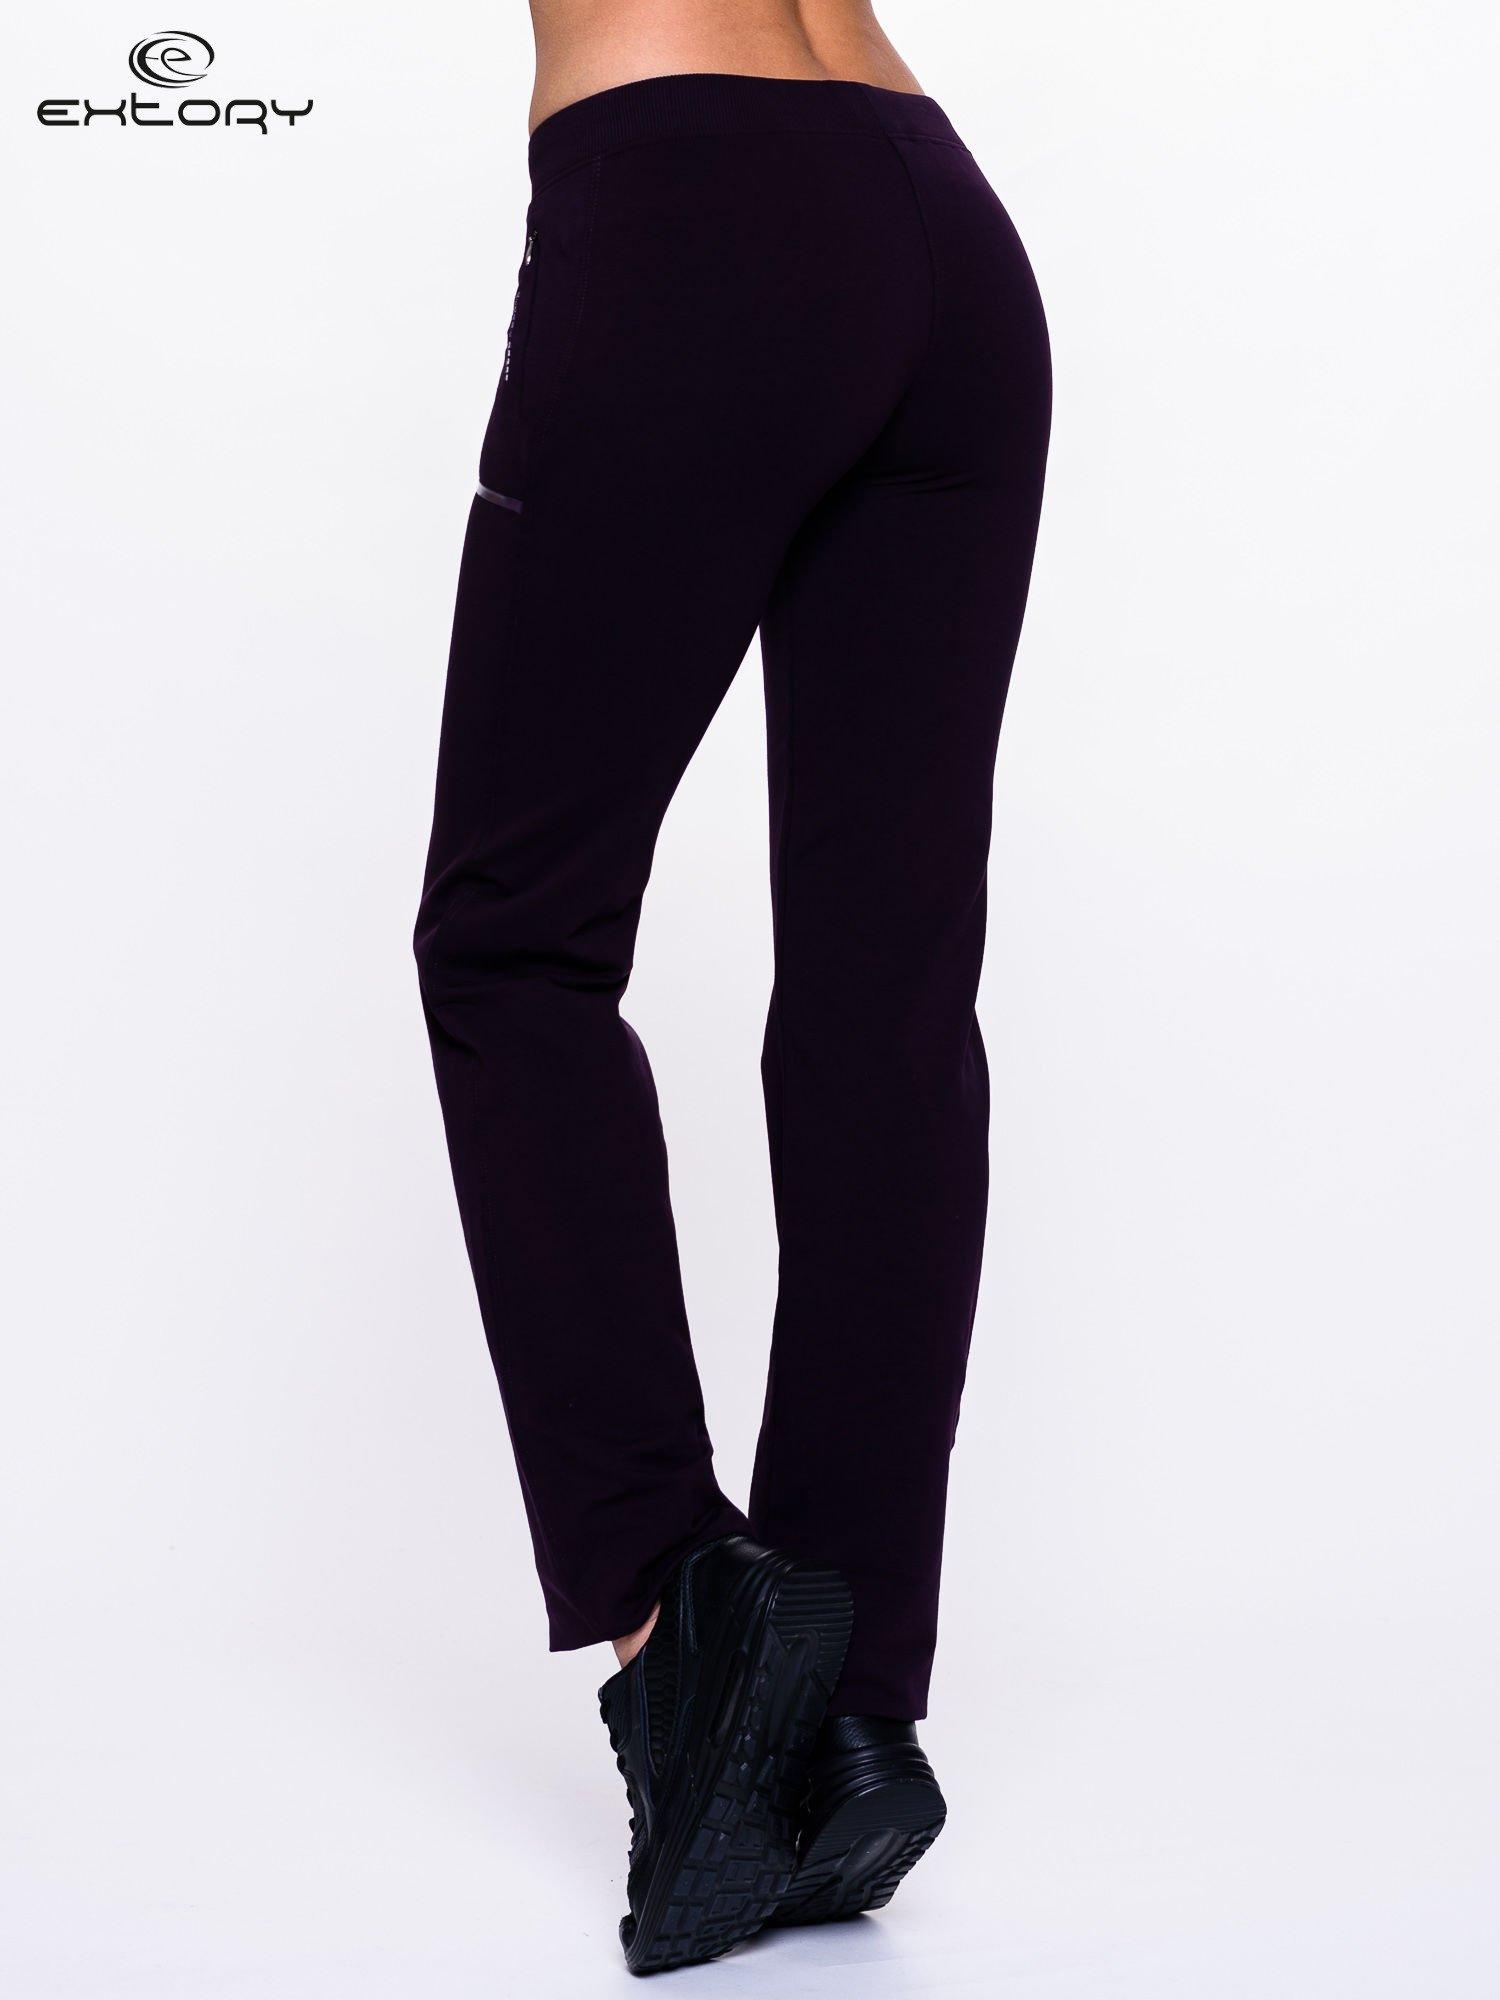 Ciemnofioletowe spodnie dresowe ze skórzaną lamówką                                  zdj.                                  2